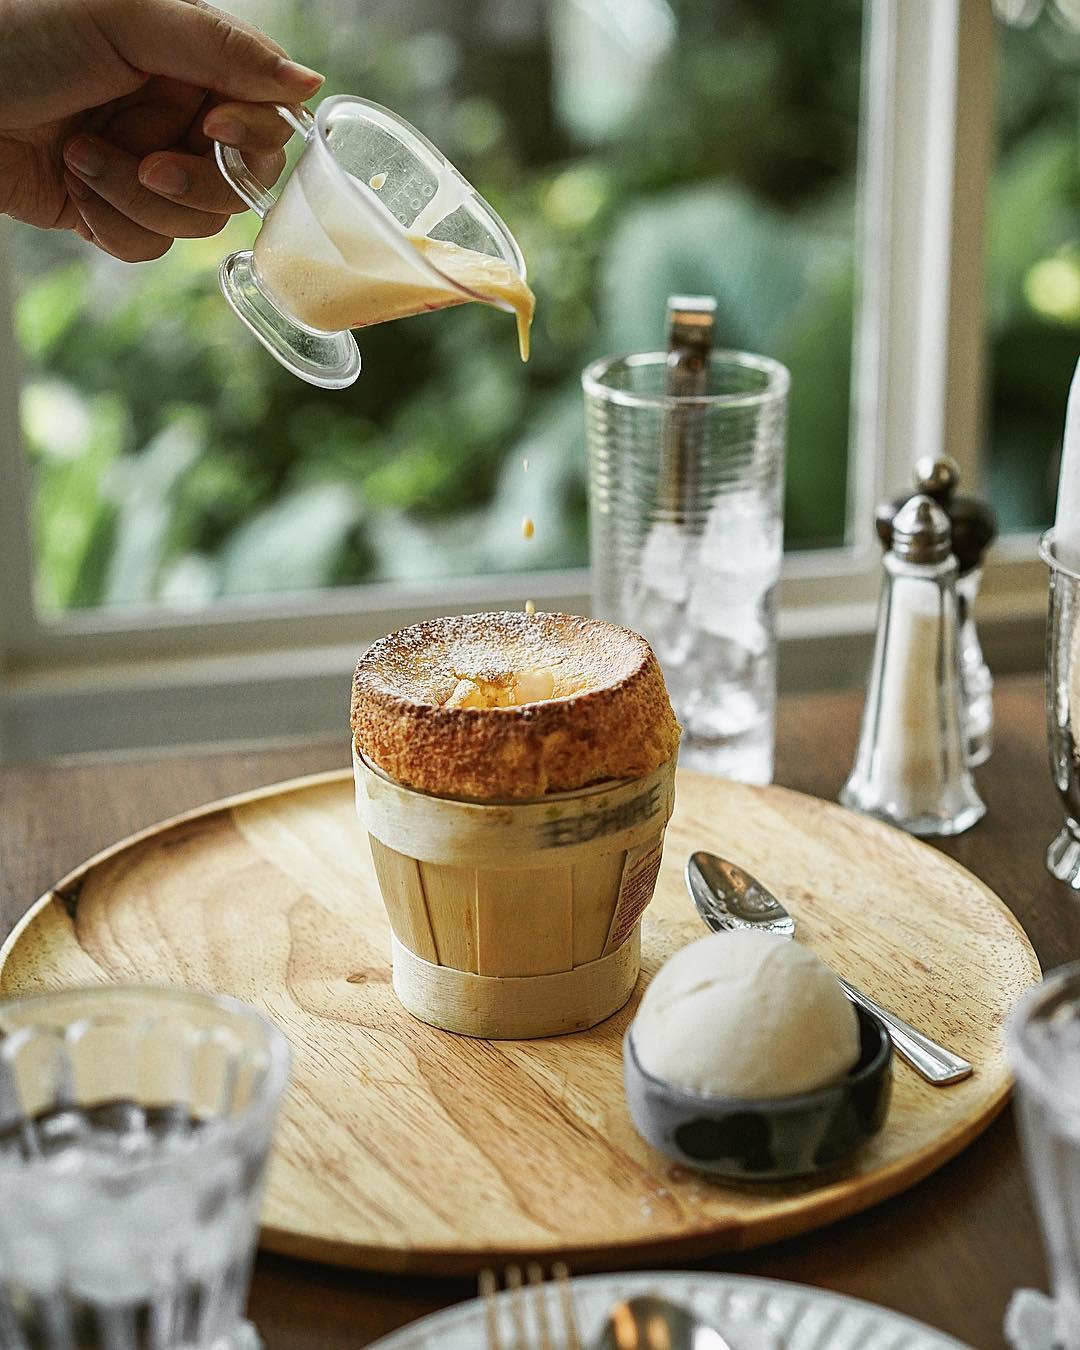 bangkok hipster cafe - souffle cafe